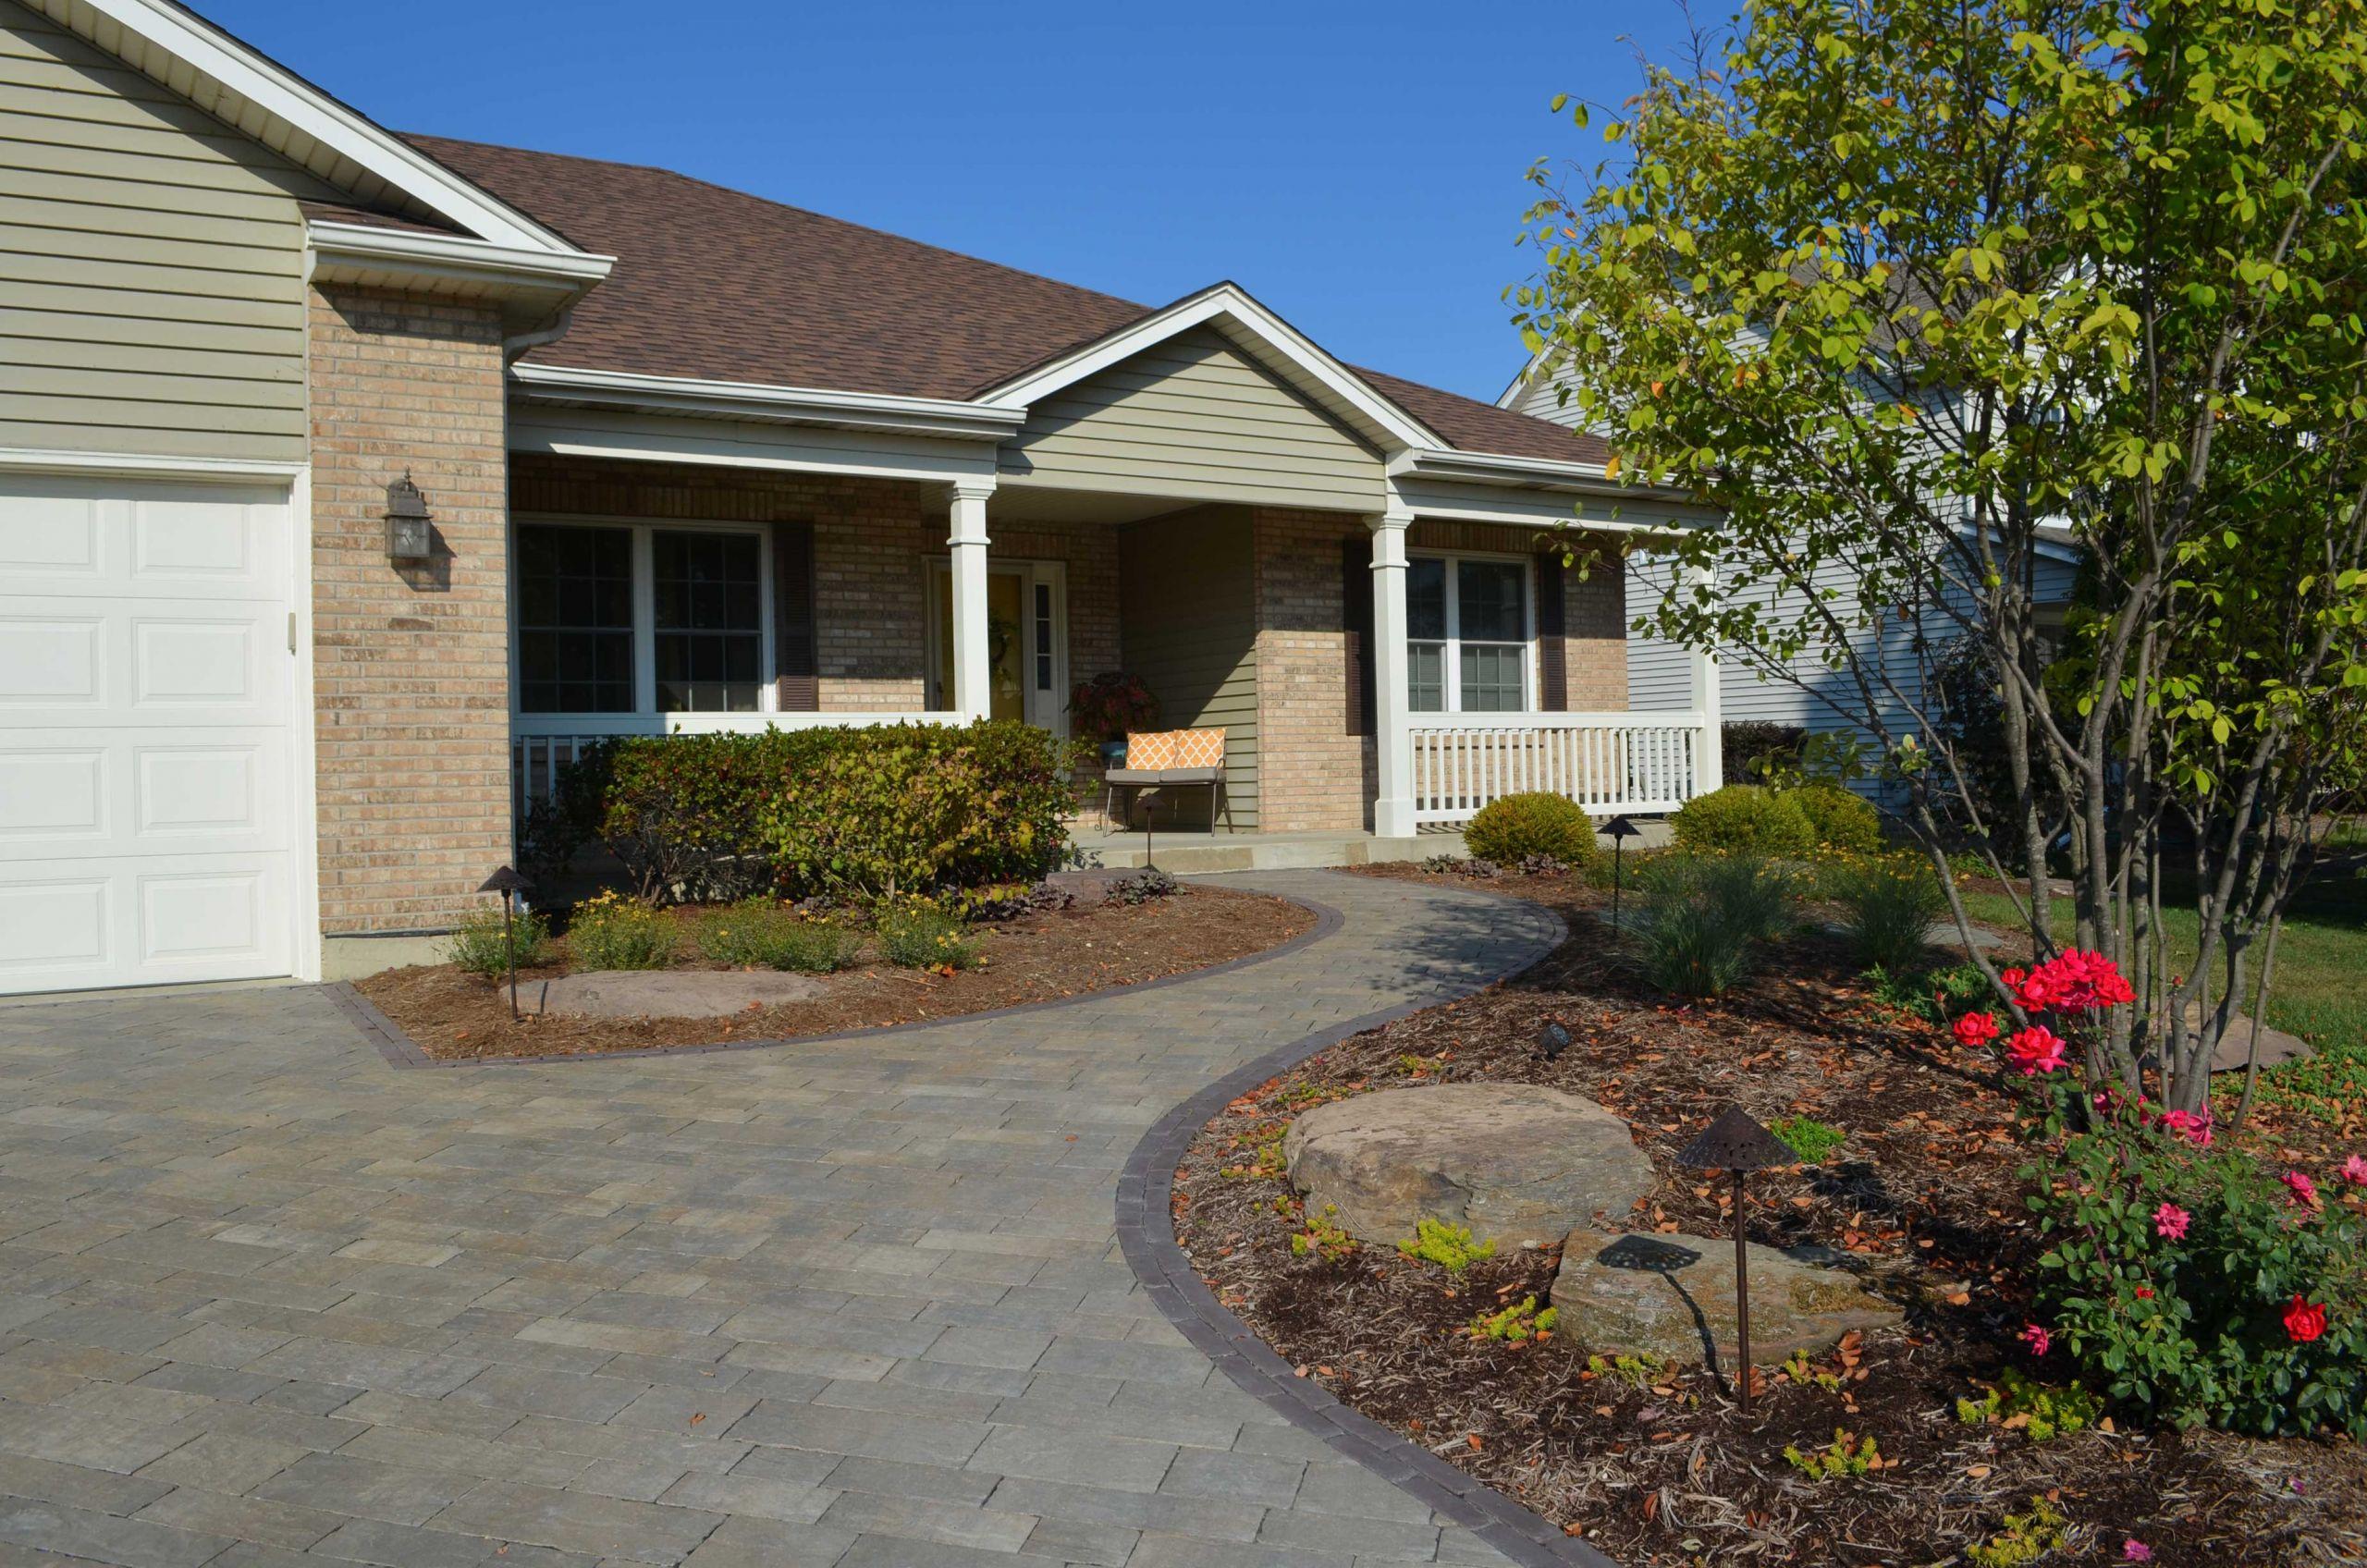 Landscape Design Front Yards  Front yard landscaping